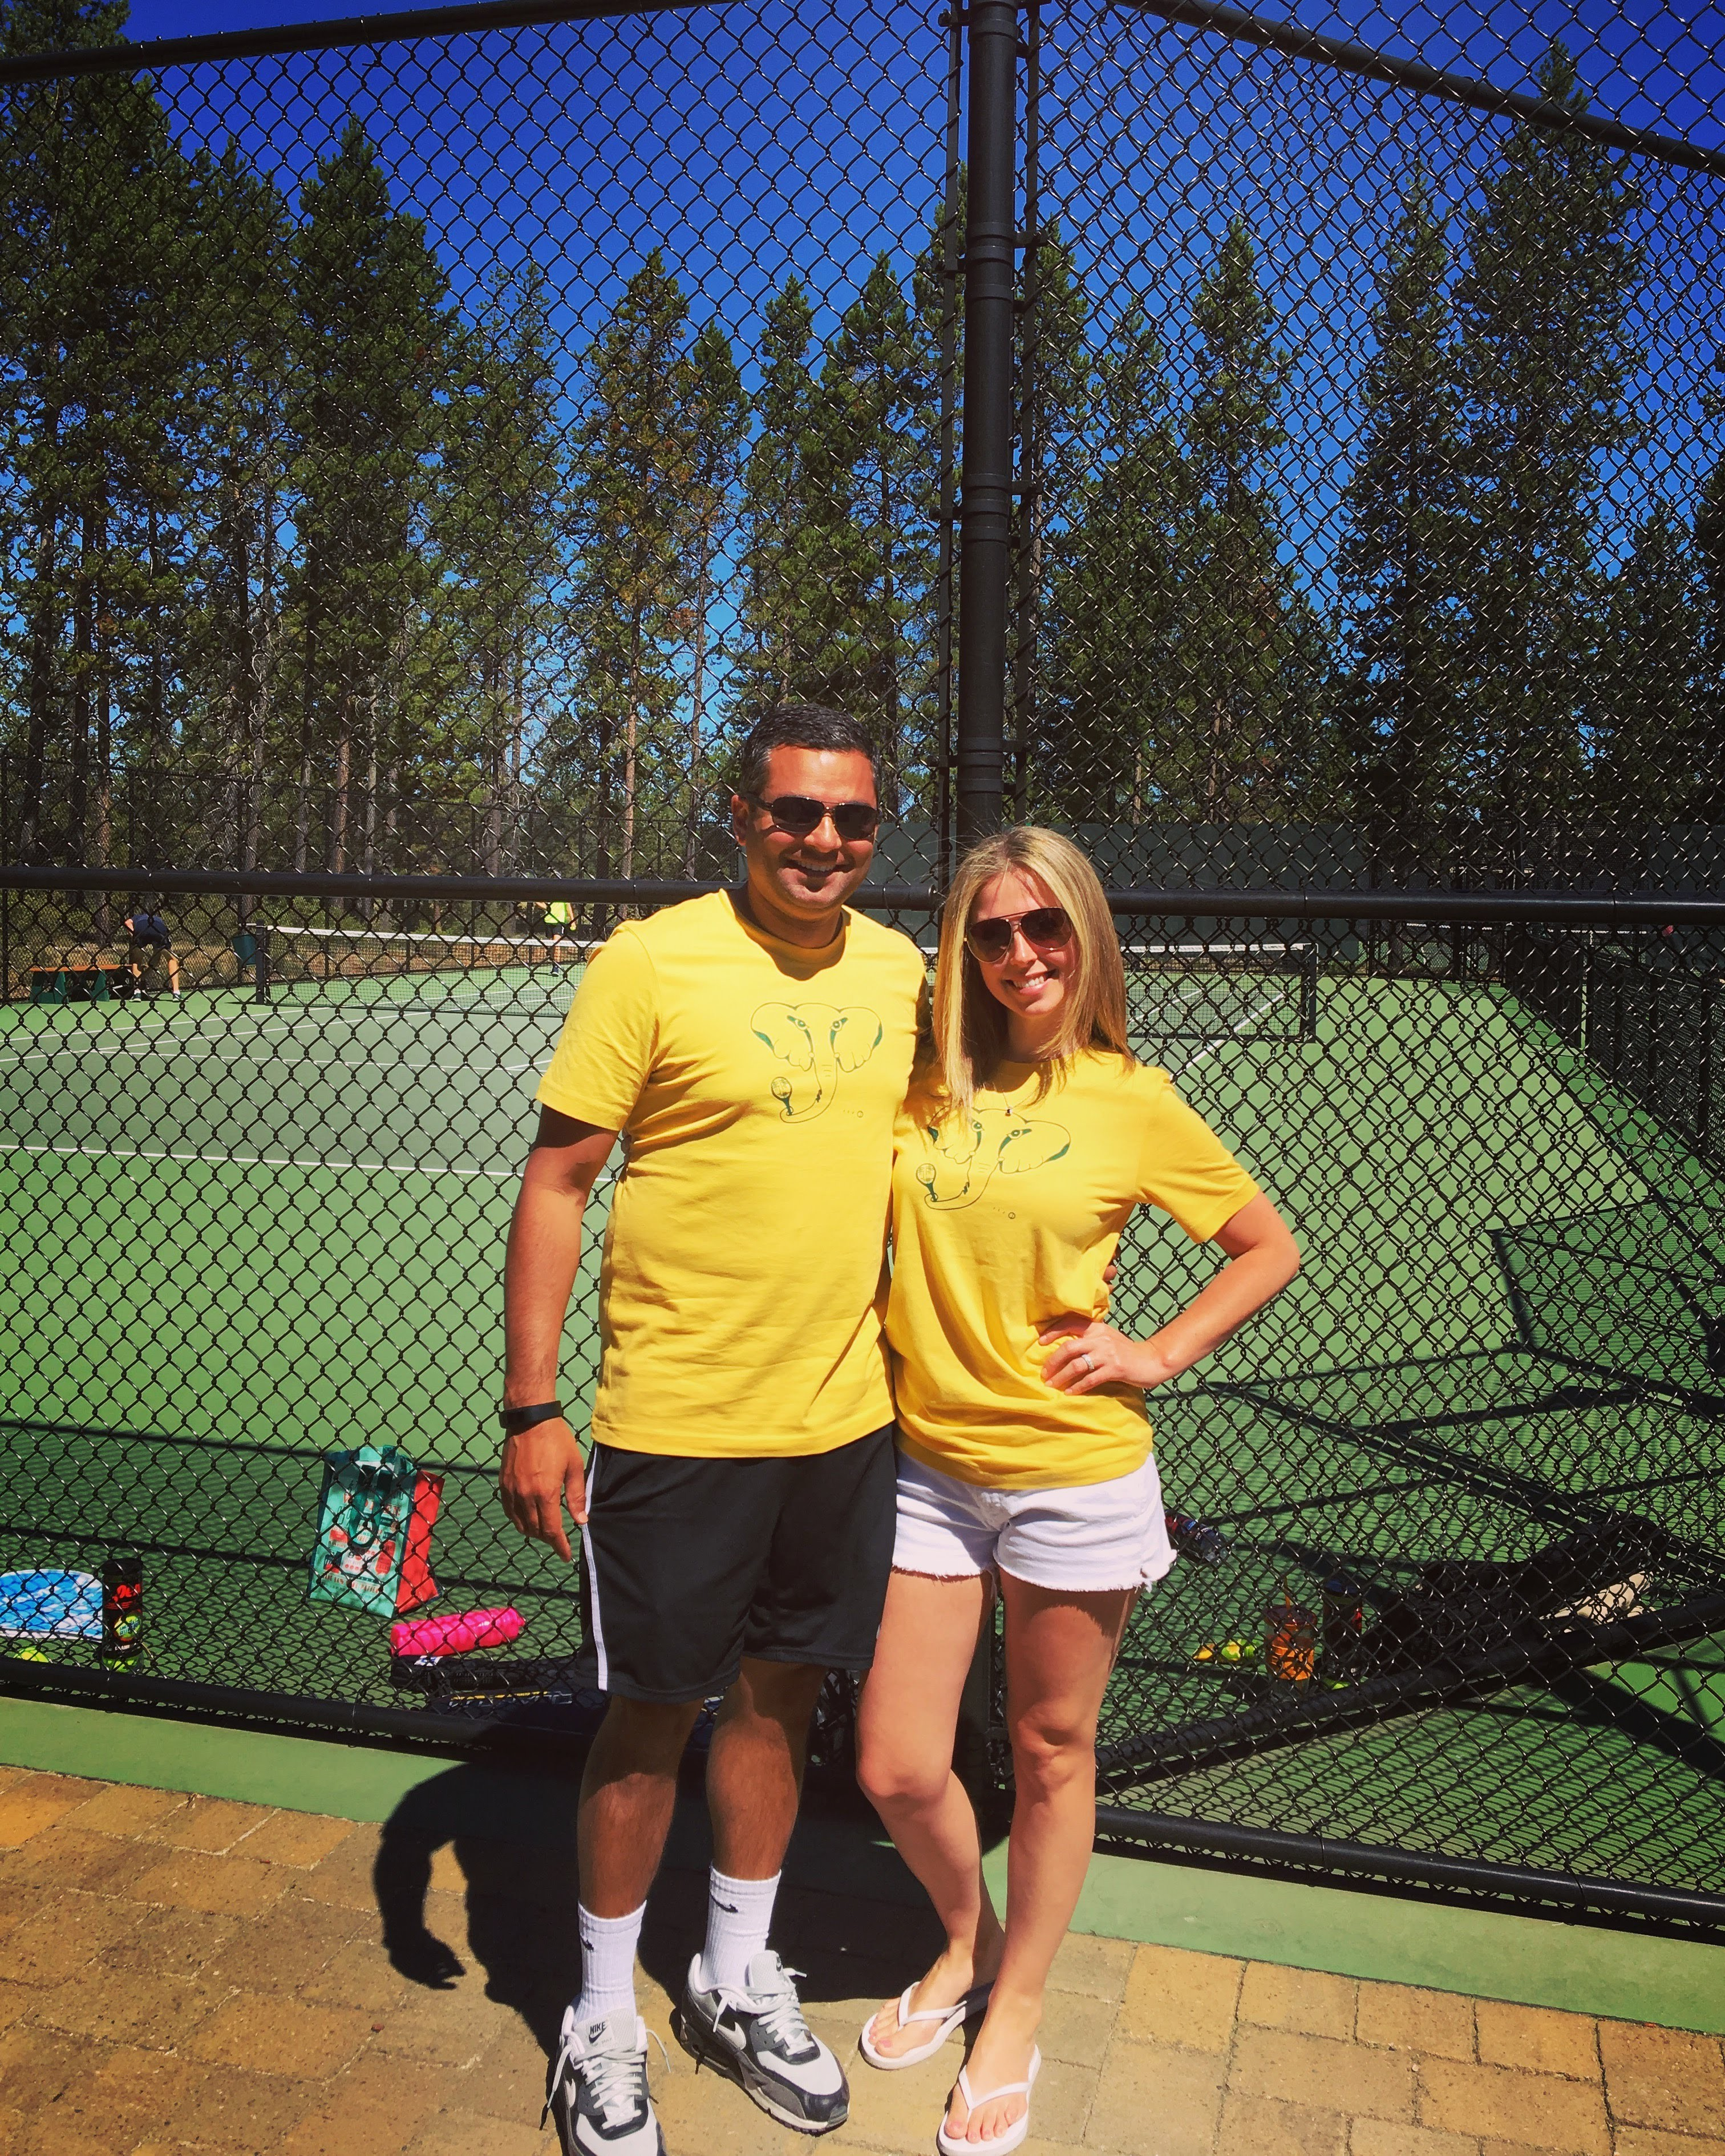 Jumbo's Tennis